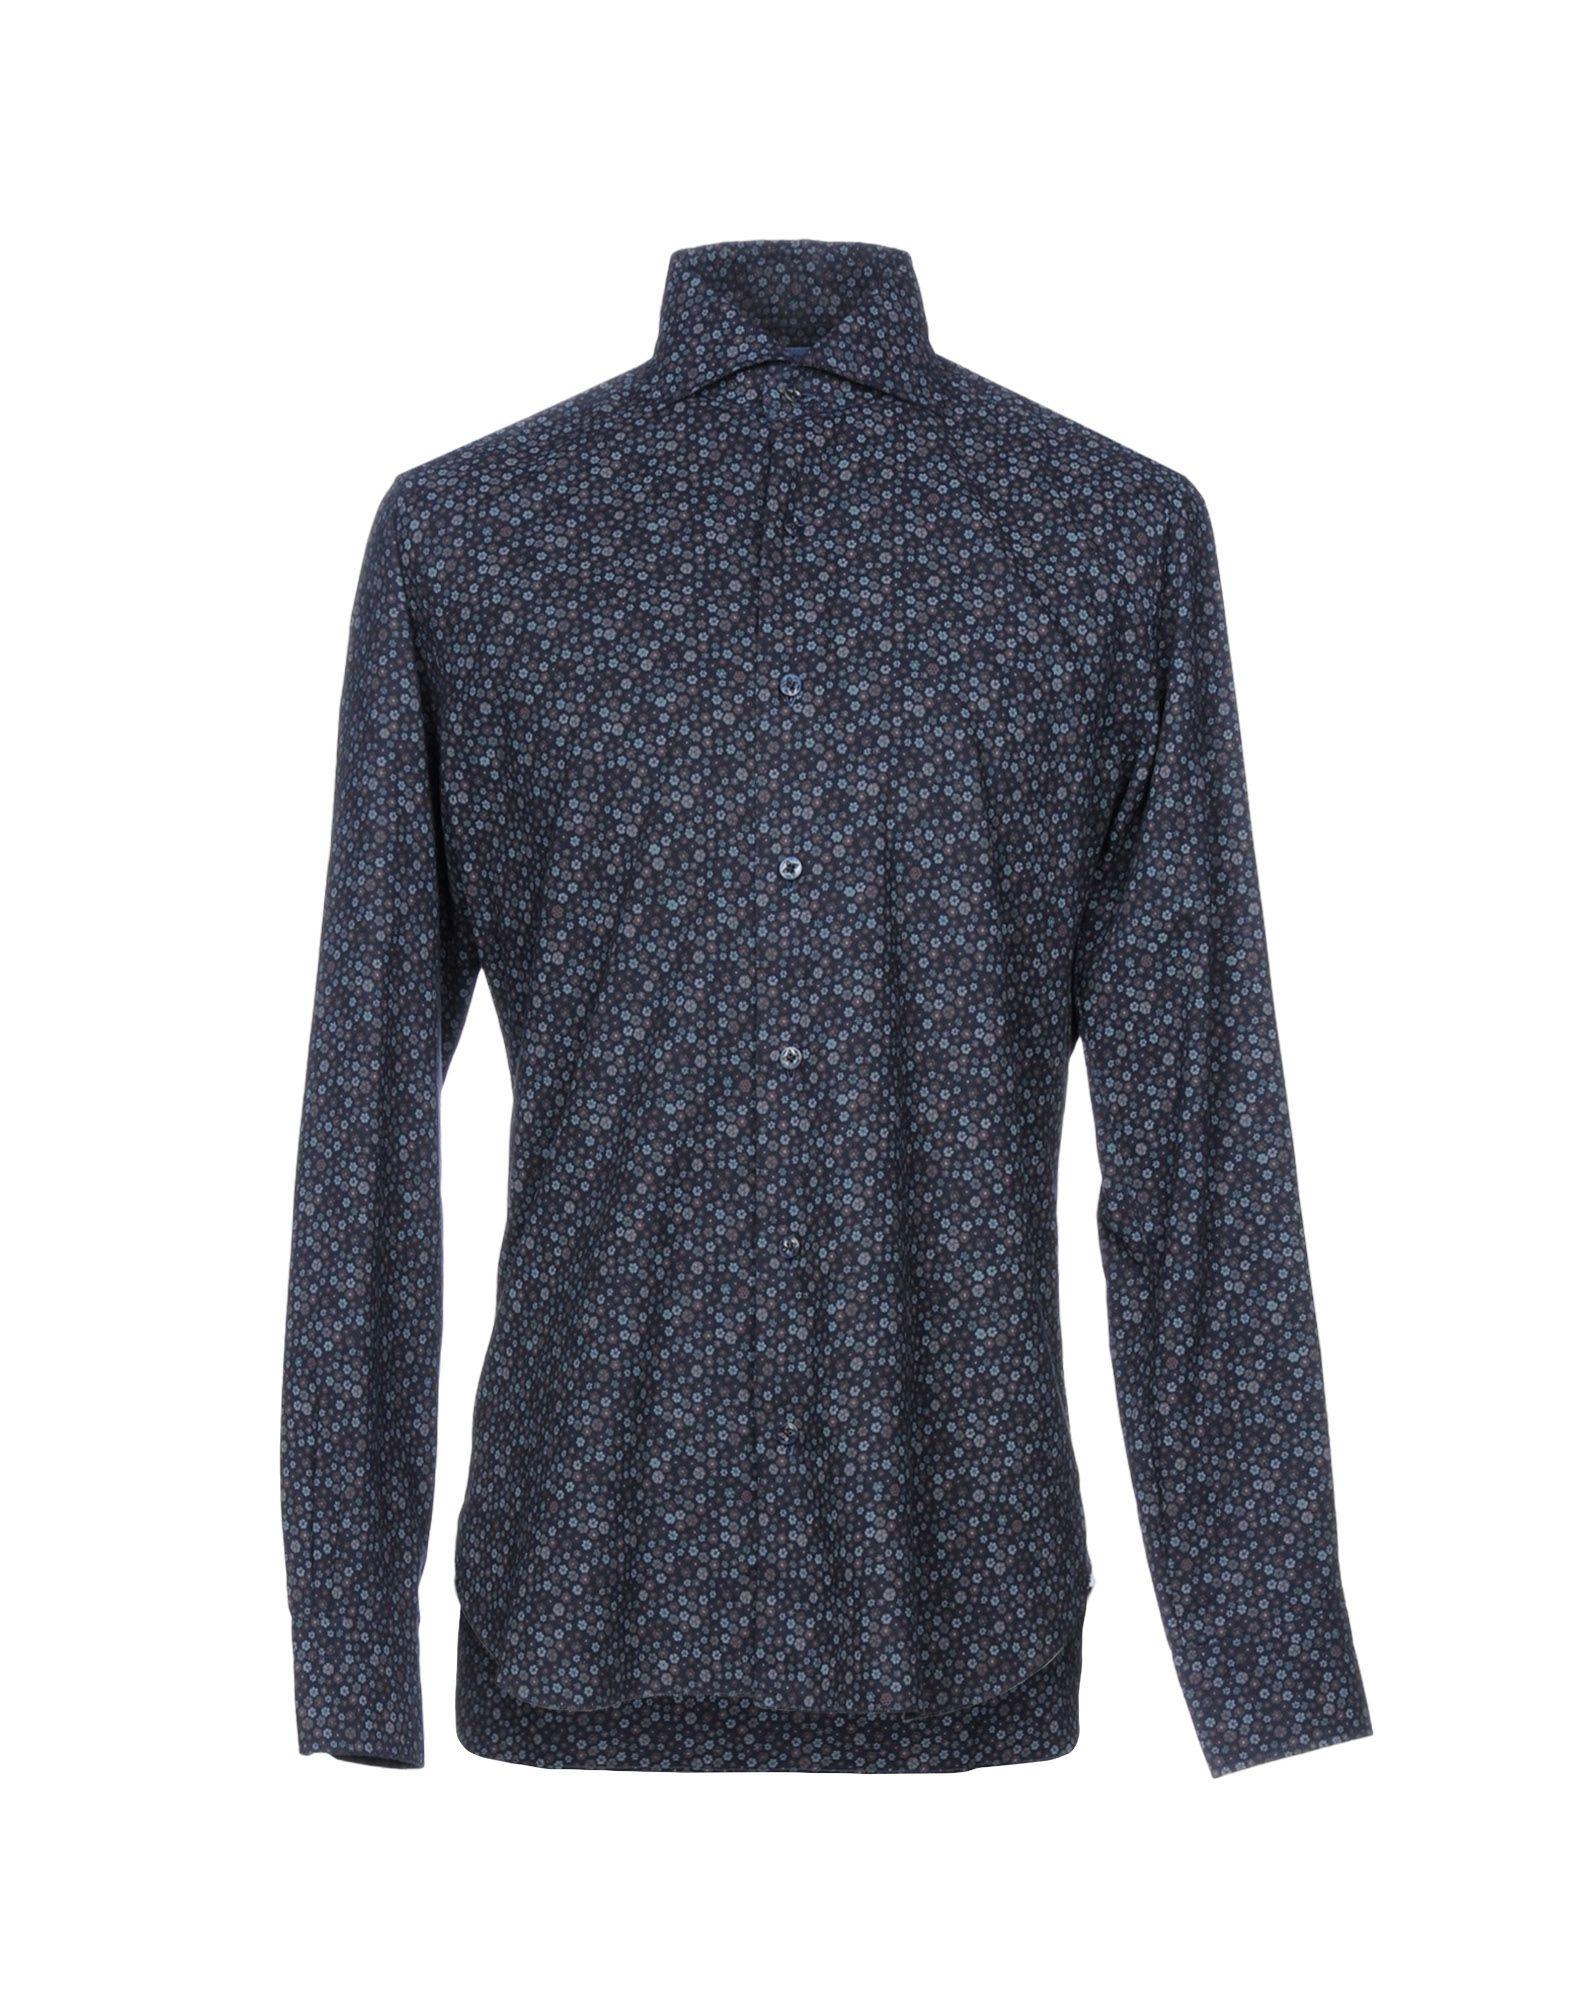 Camicia Fantasia Barba Napoli Uomo - Acquista online su